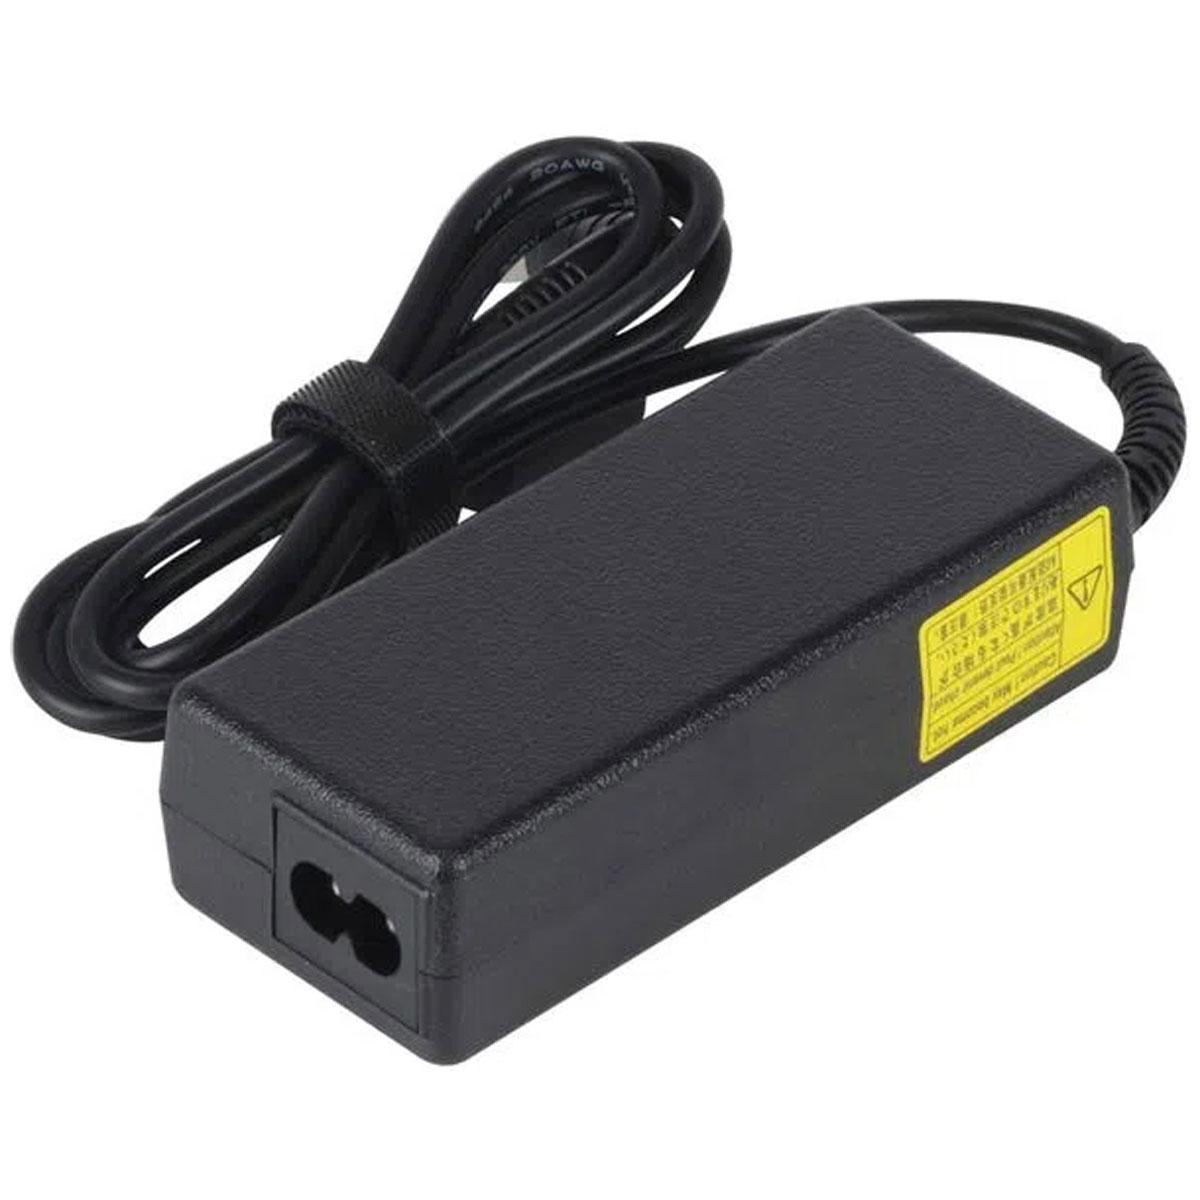 Fonte Raspberry Pi 3 DC Chaveada Tipo Mesa 5v 3A Bivolt Plug Micro USB com Botão Liga / Desliga